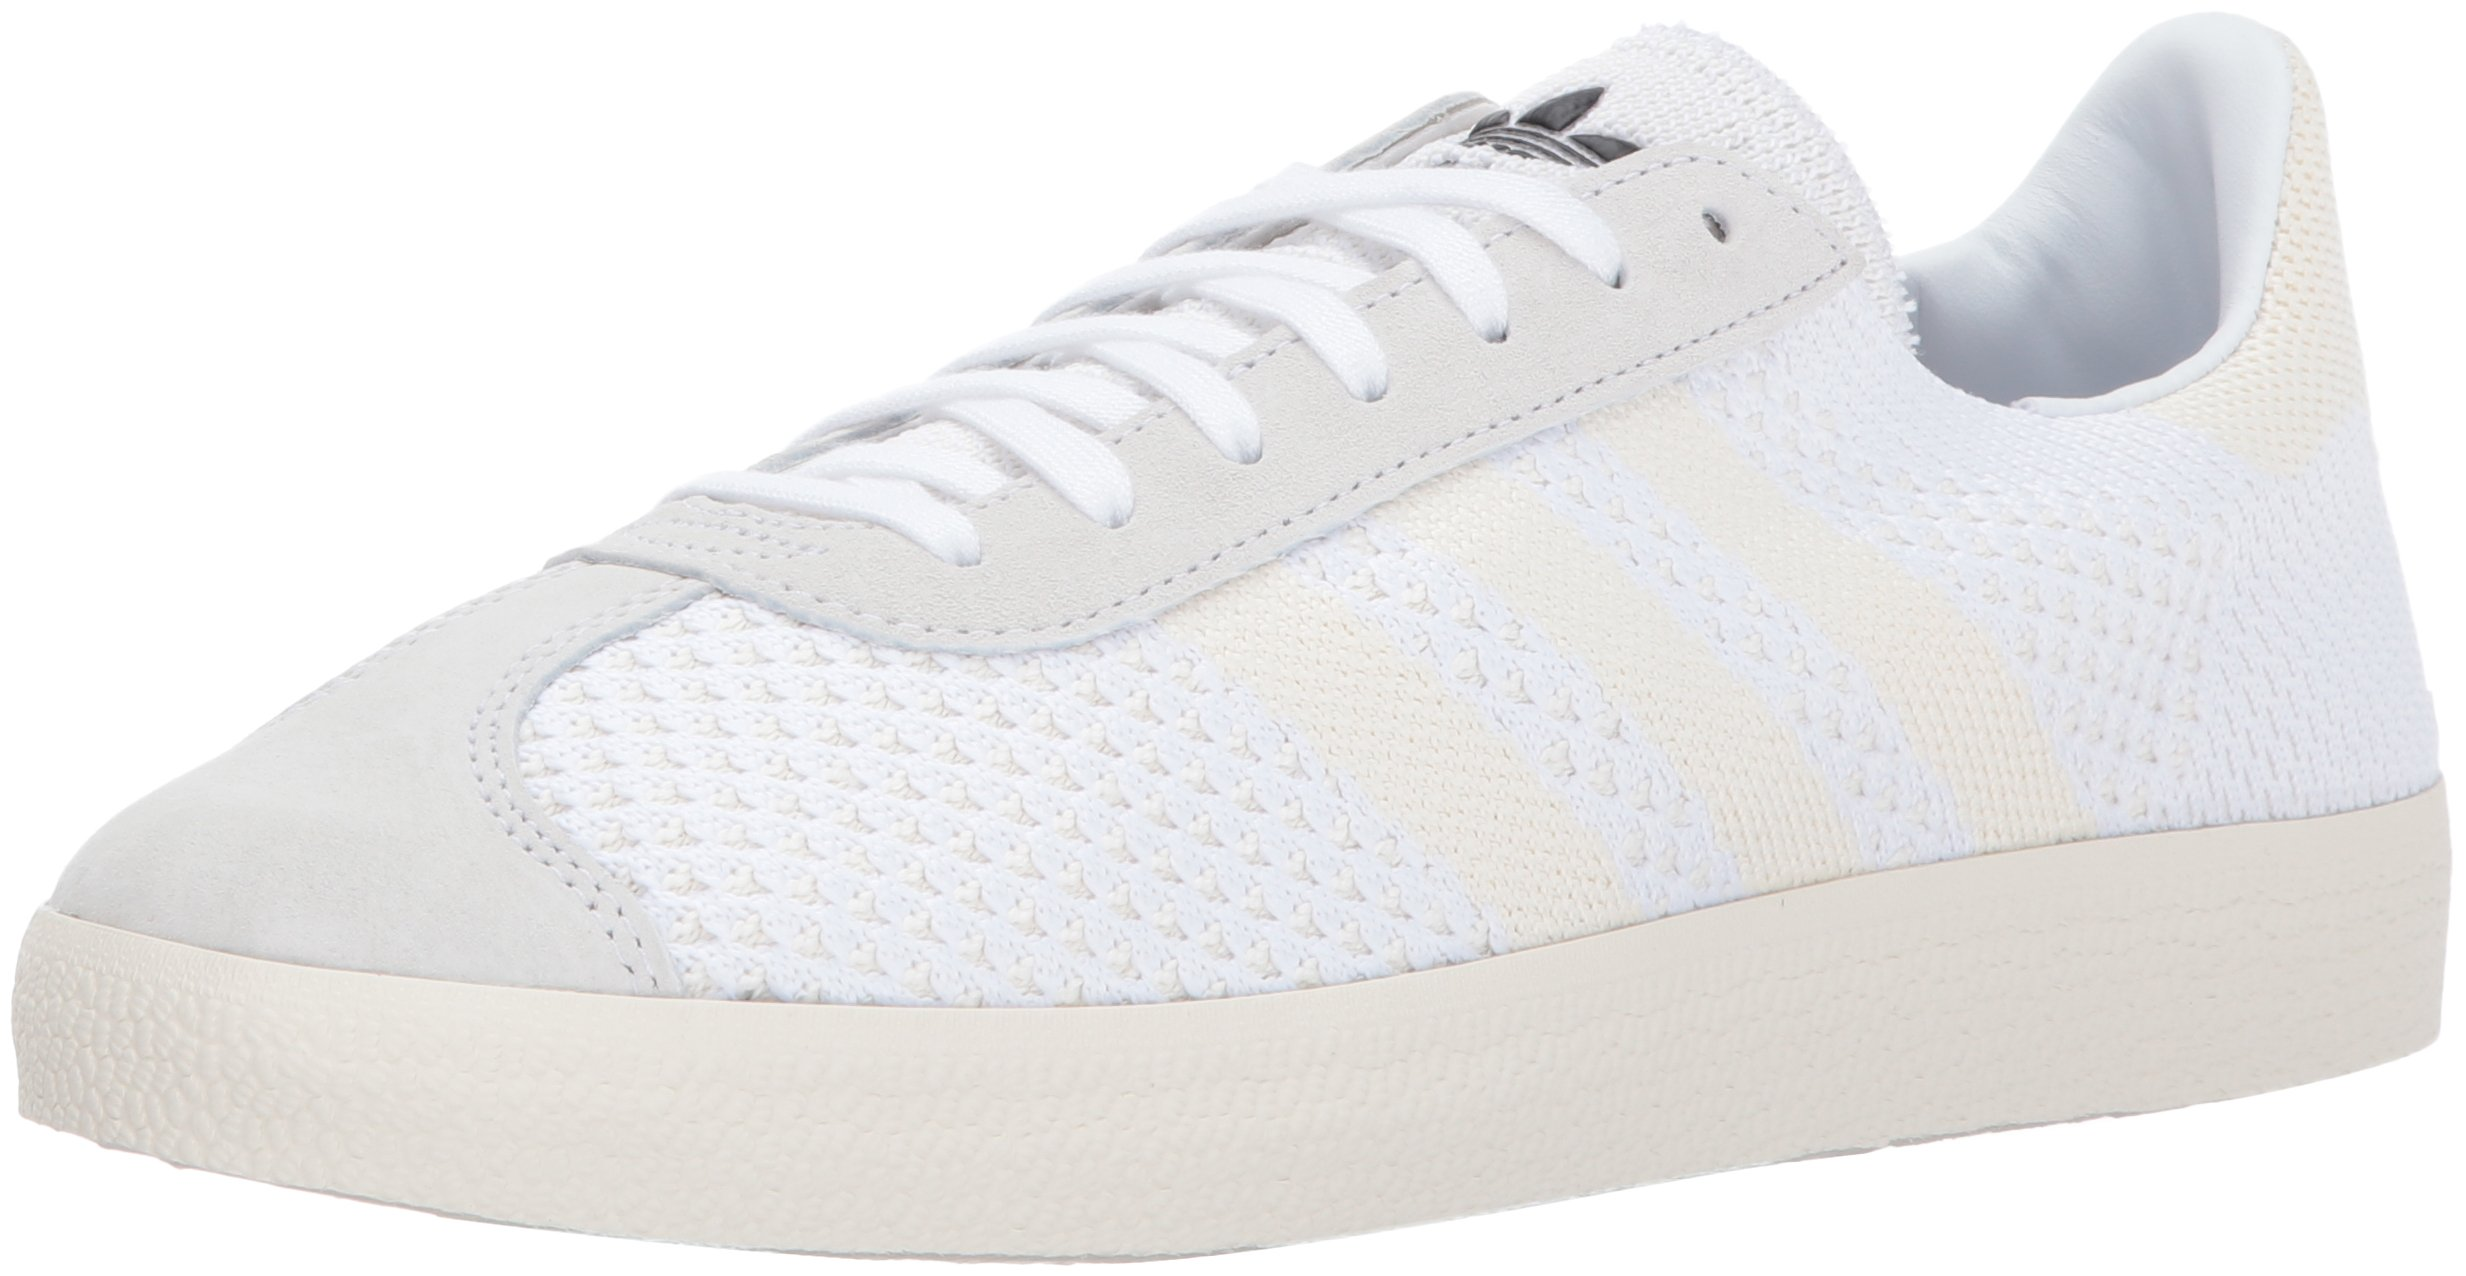 PkWhitechalk Galleon Originals Adidas Men's Gazelle LSVzpqGUM